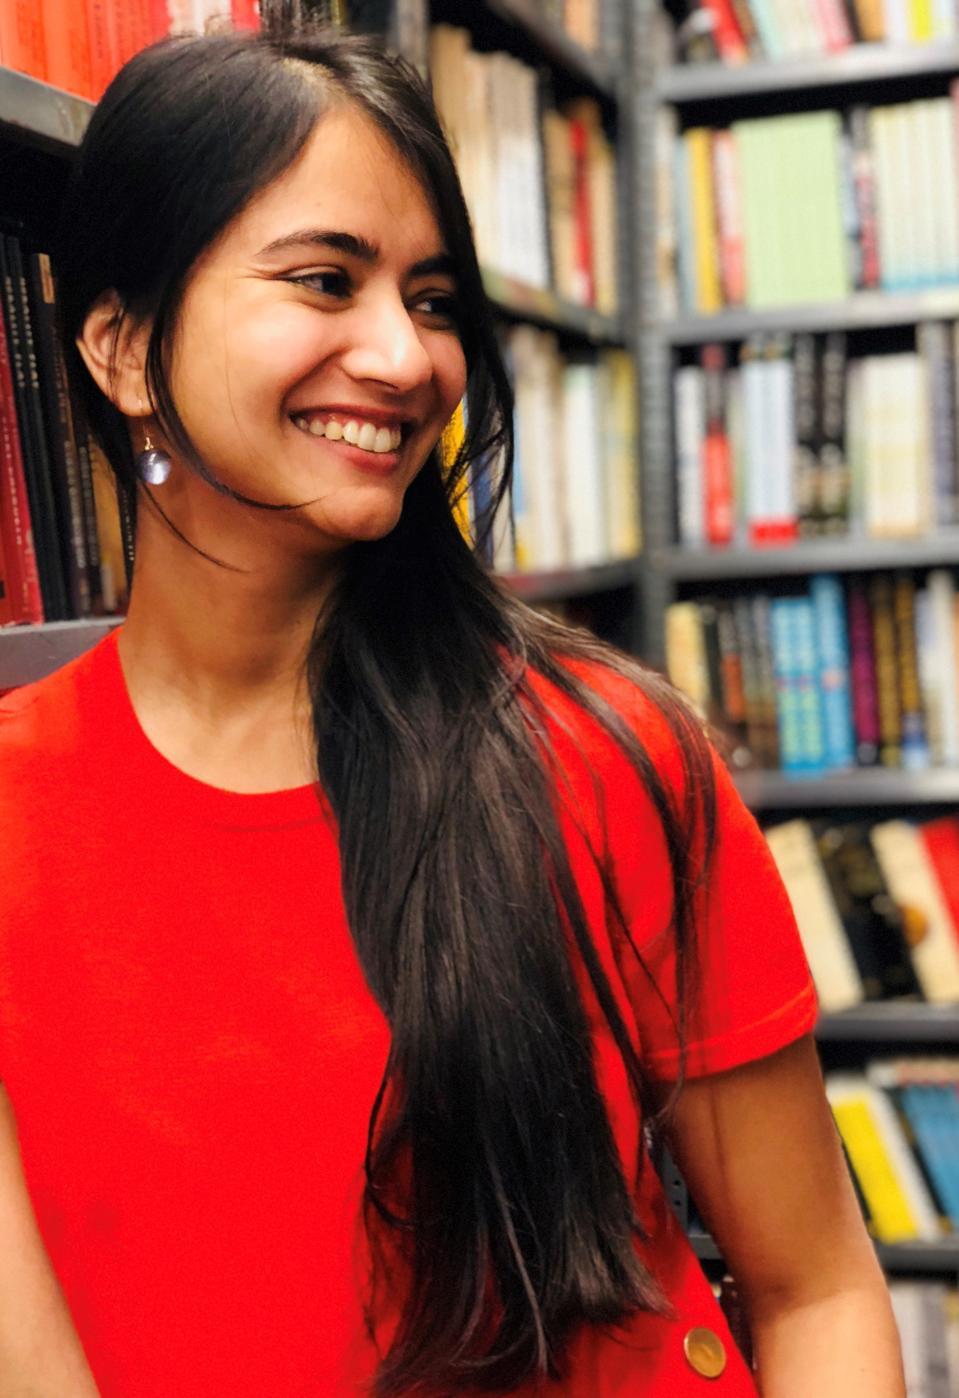 Akhila Satish, CEO of Meseekna